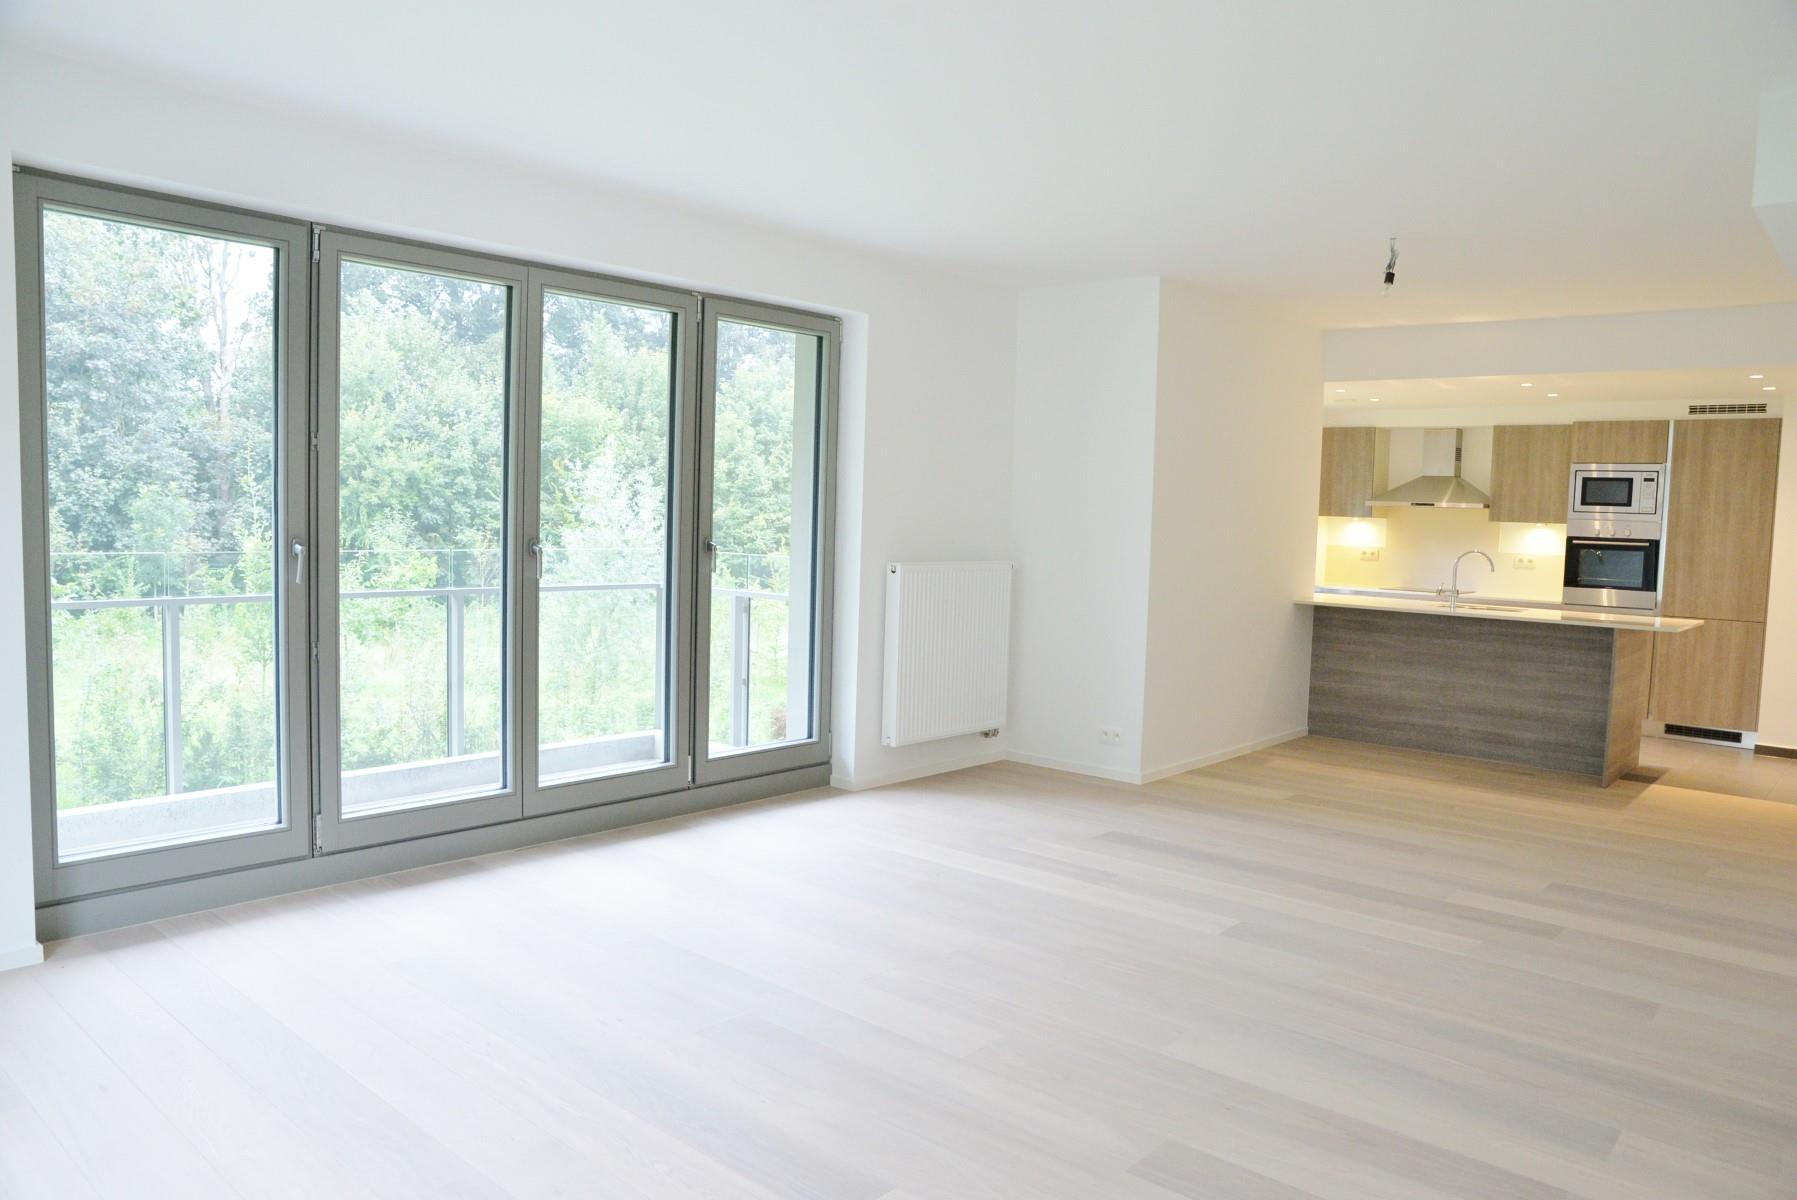 Uitzonderlijk appartement - Uccle - #4051009-1